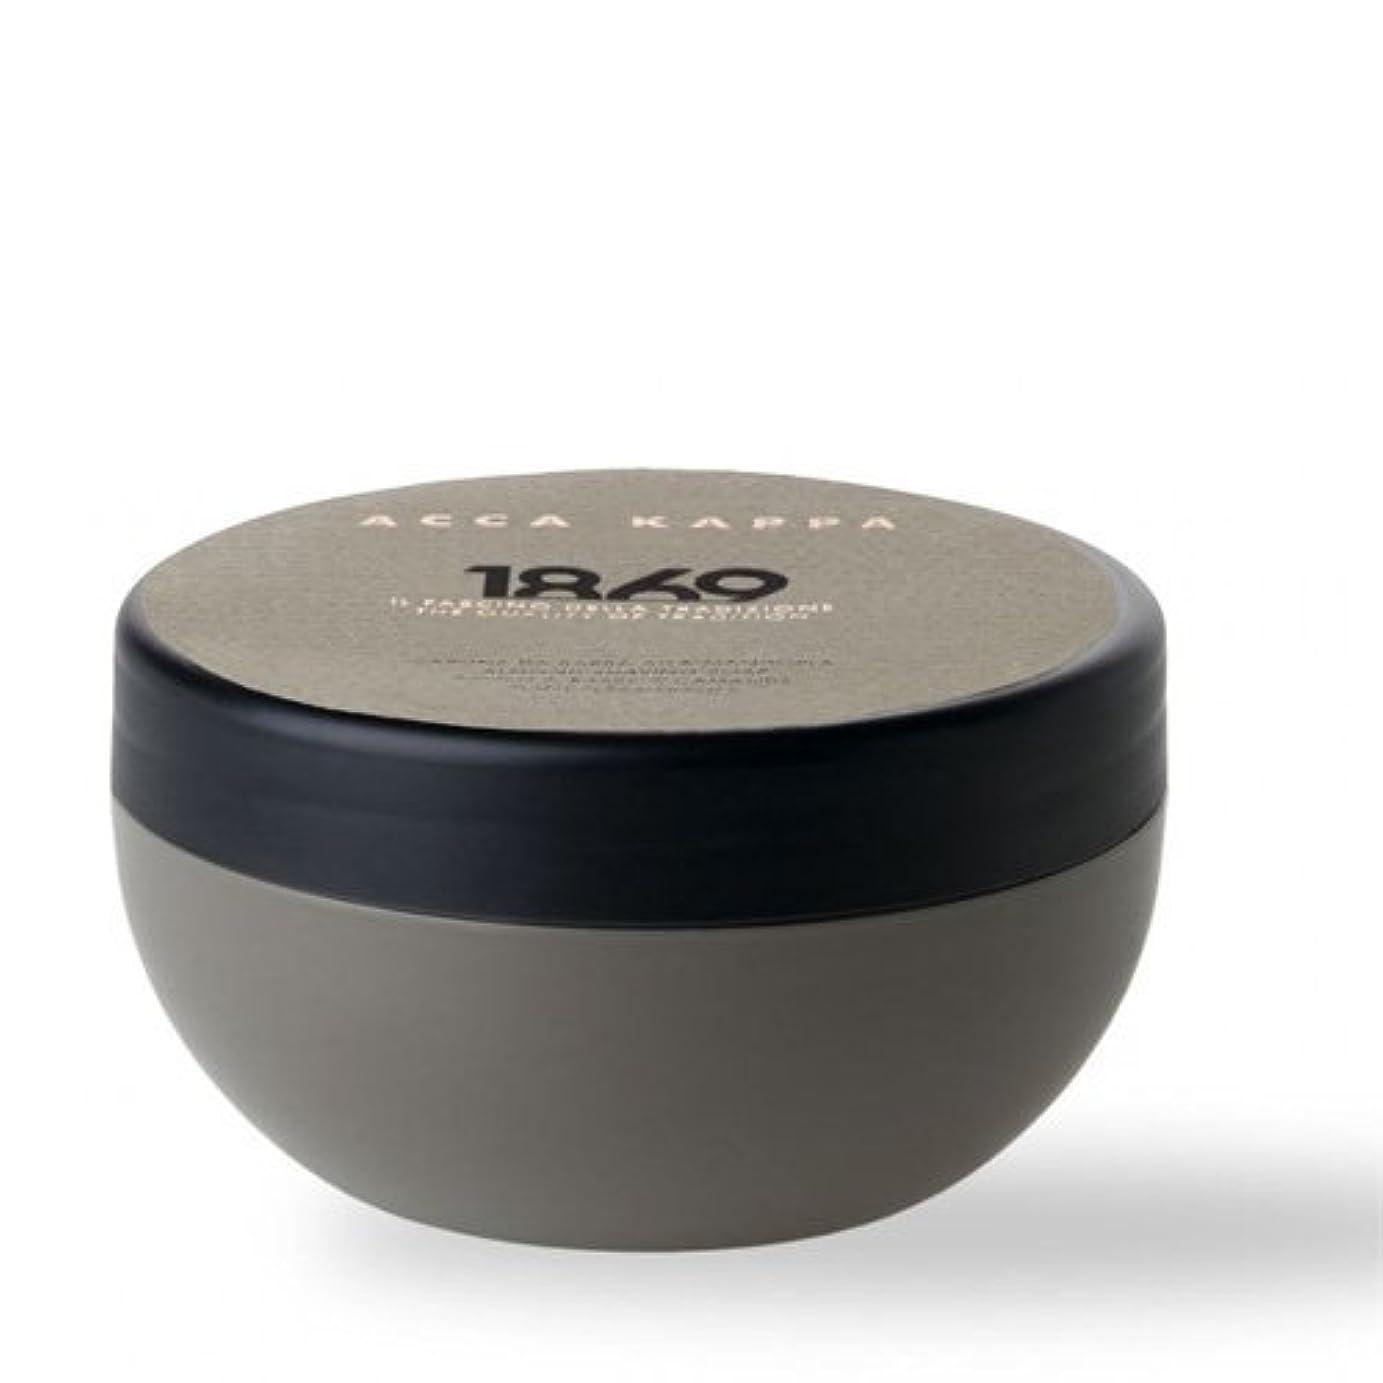 ペパーミントリラックスマークAcca Kappa 1869 Almond Shaving Soap in Bowl [並行輸入品]